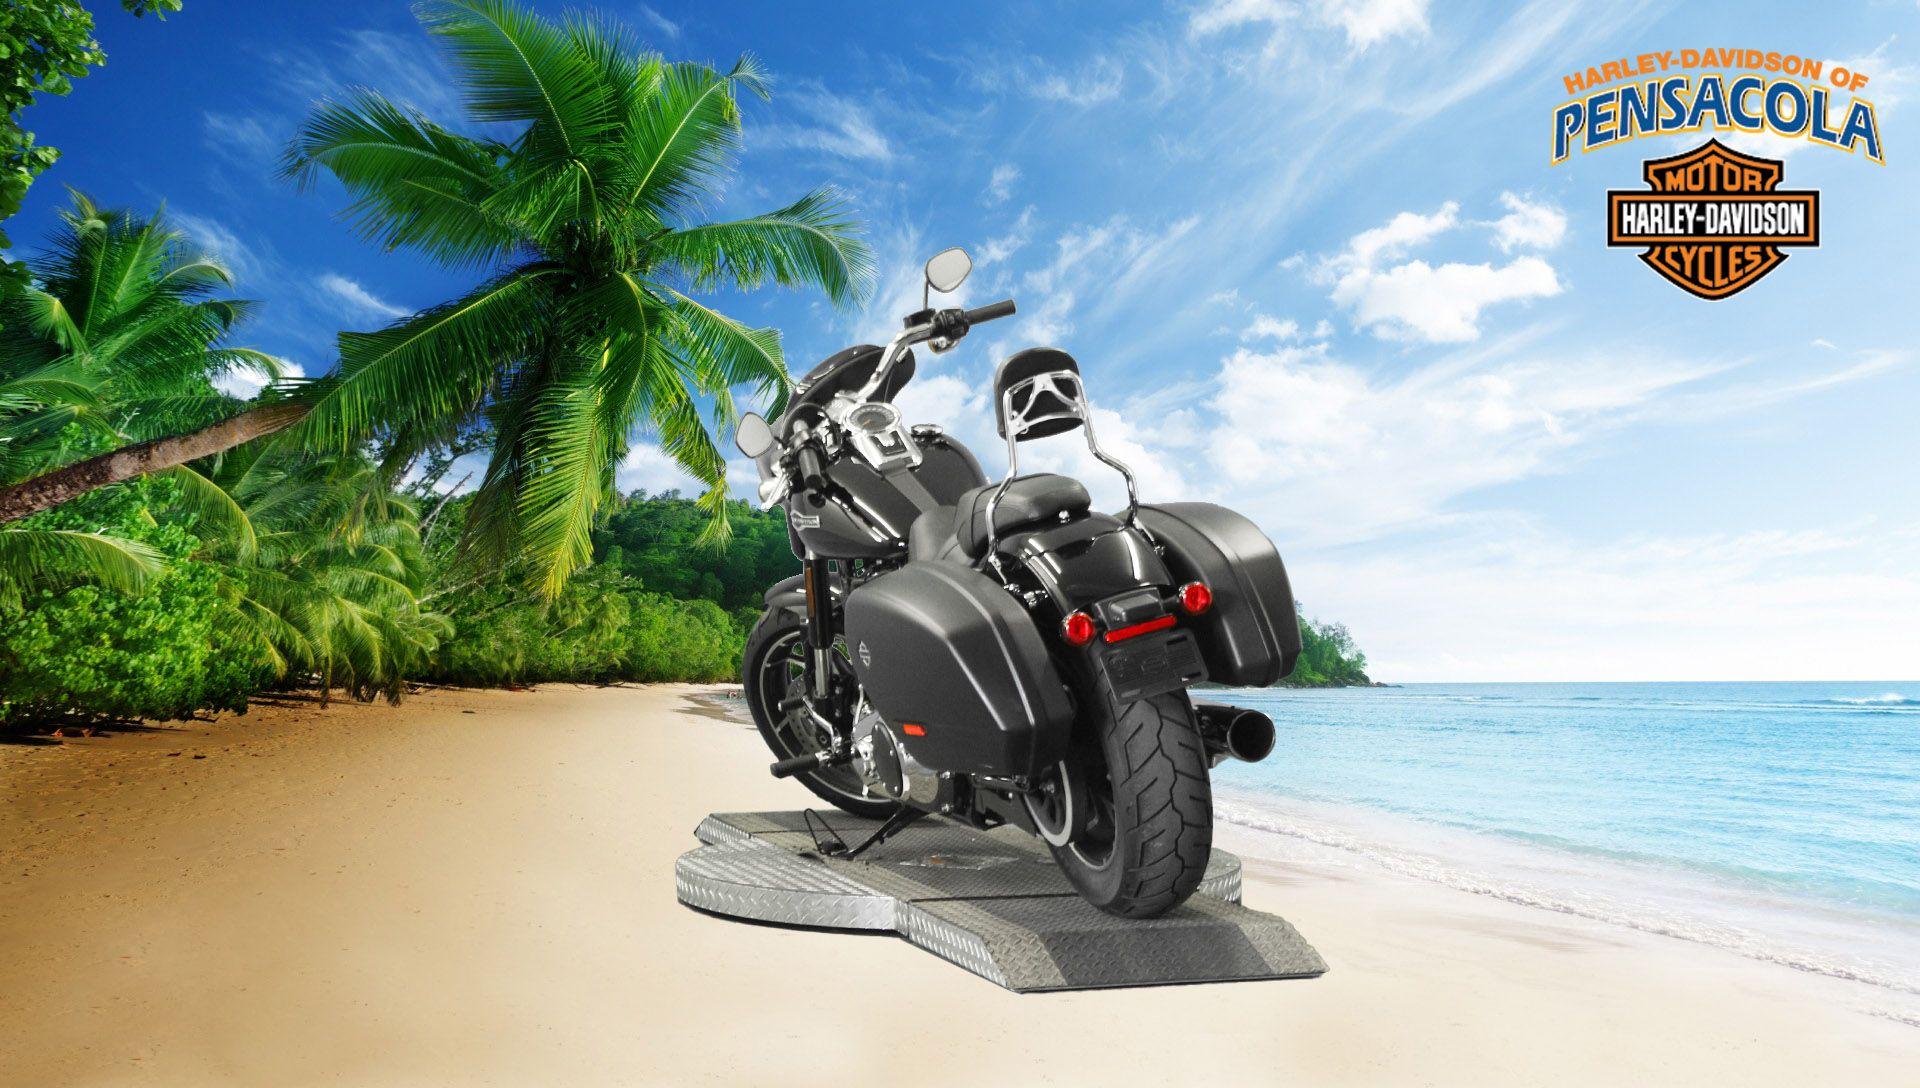 Pre-Owned 2019 Harley-Davidson Sport Glide FLSB